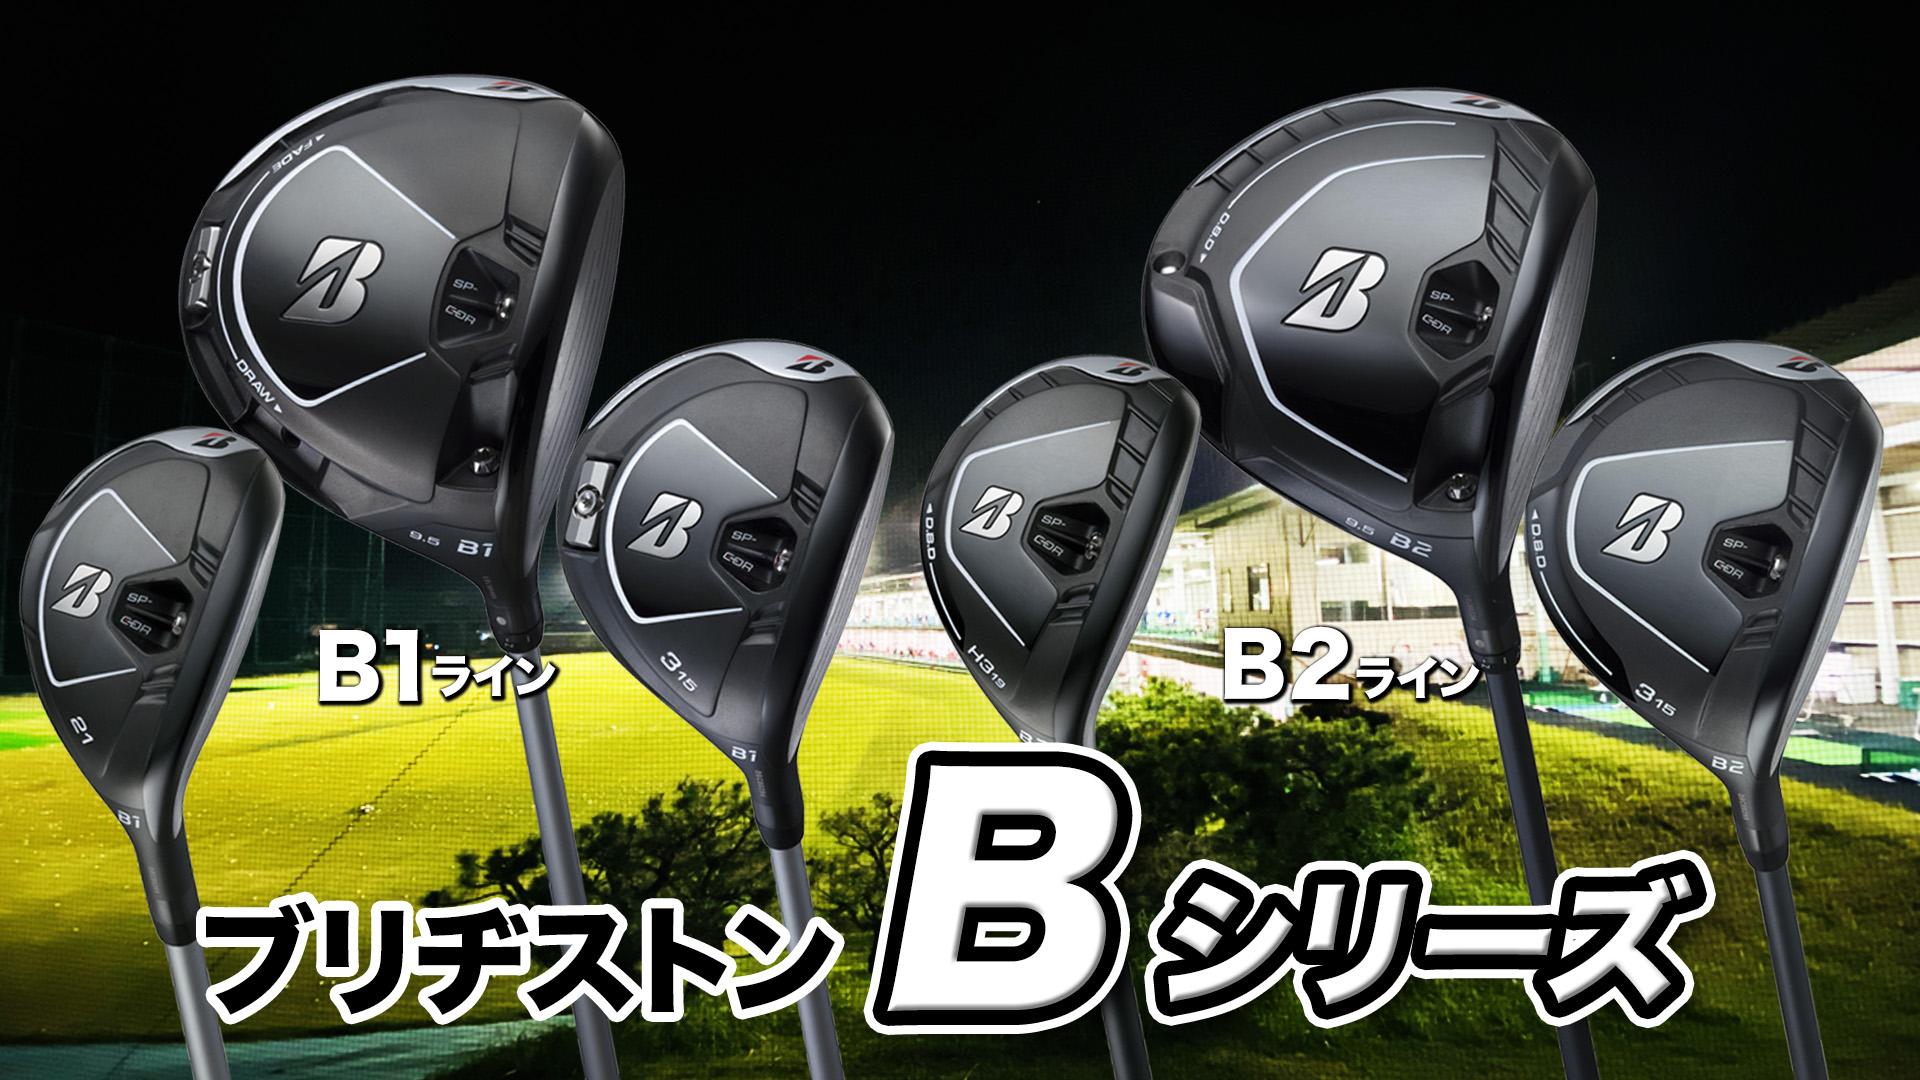 ブリヂストン「Bシリーズ」まとめ【レビュー企画】